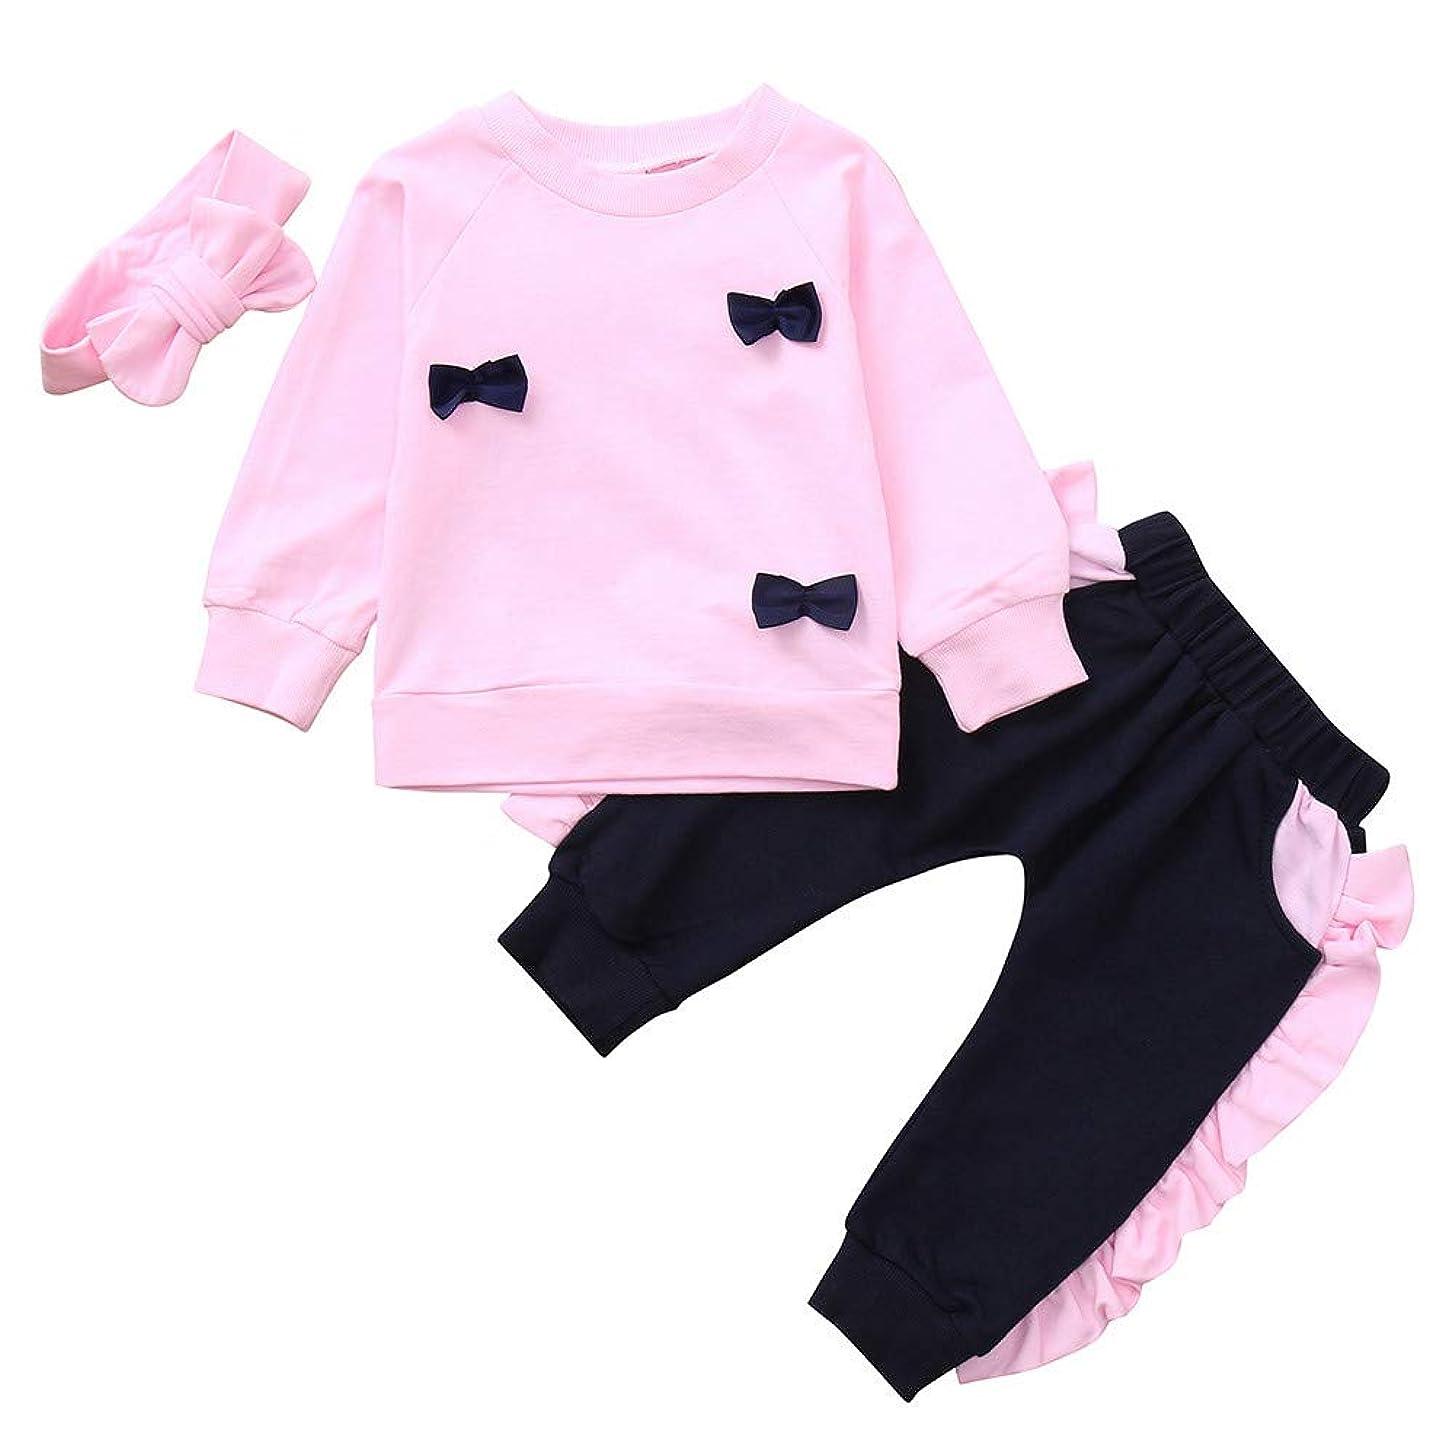 Mhomzawa 女の子ベビー服 可愛い 長袖 ボウトップ+パンツ+ヘッドバンド 3点セット 人気 スウェット トレーナー 春と秋 薄手 おしゃれ